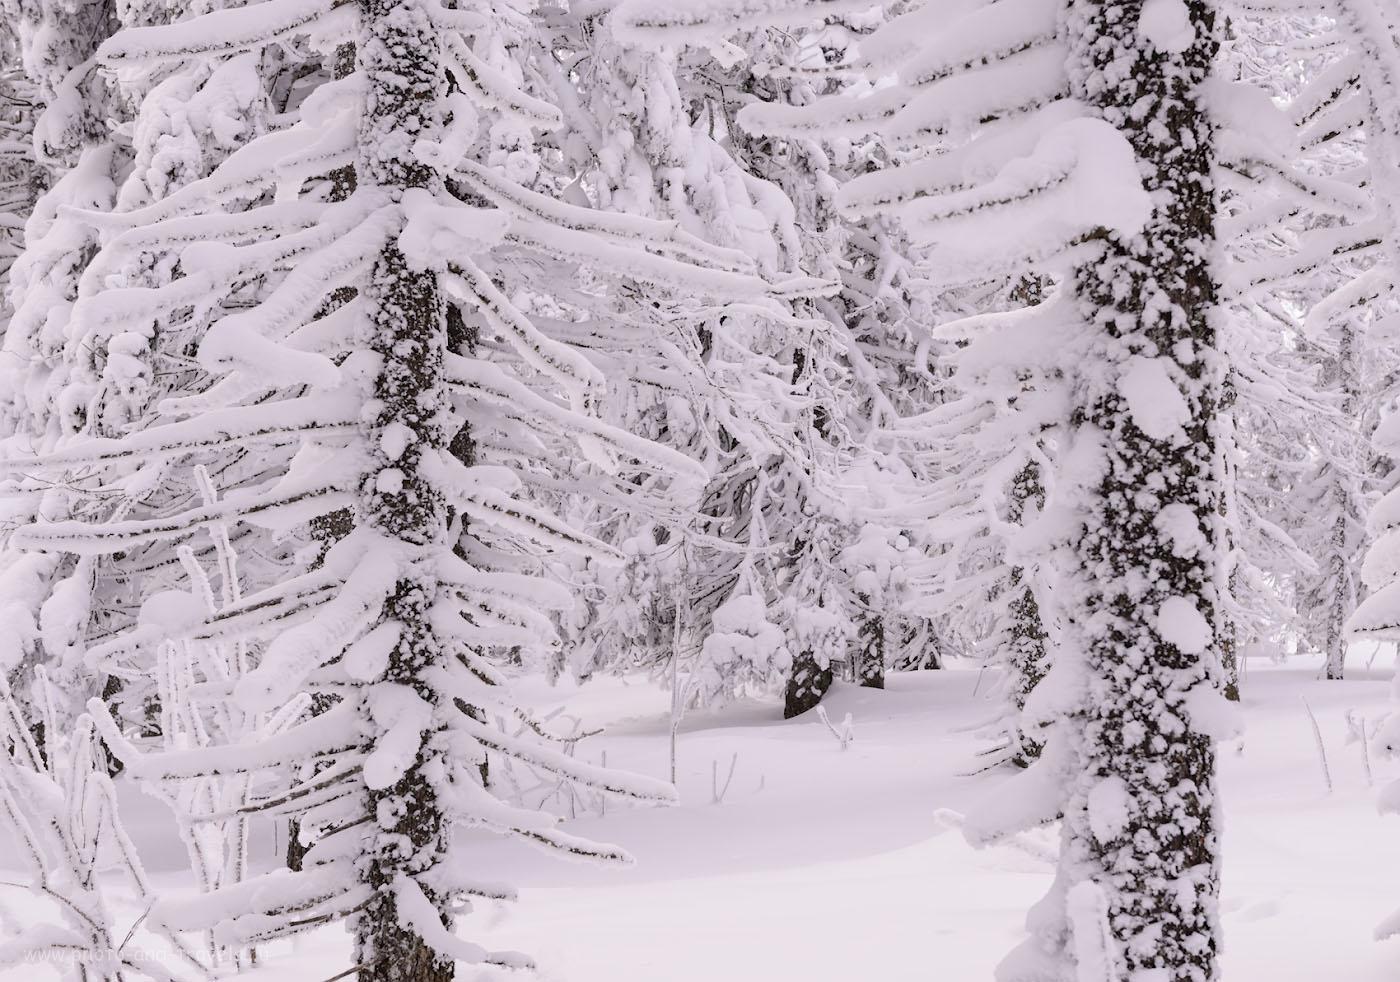 Фотография 11. Заснеженный лес в горах Южного Урала. 1/160, +0.67, 9.0, 640, 52.